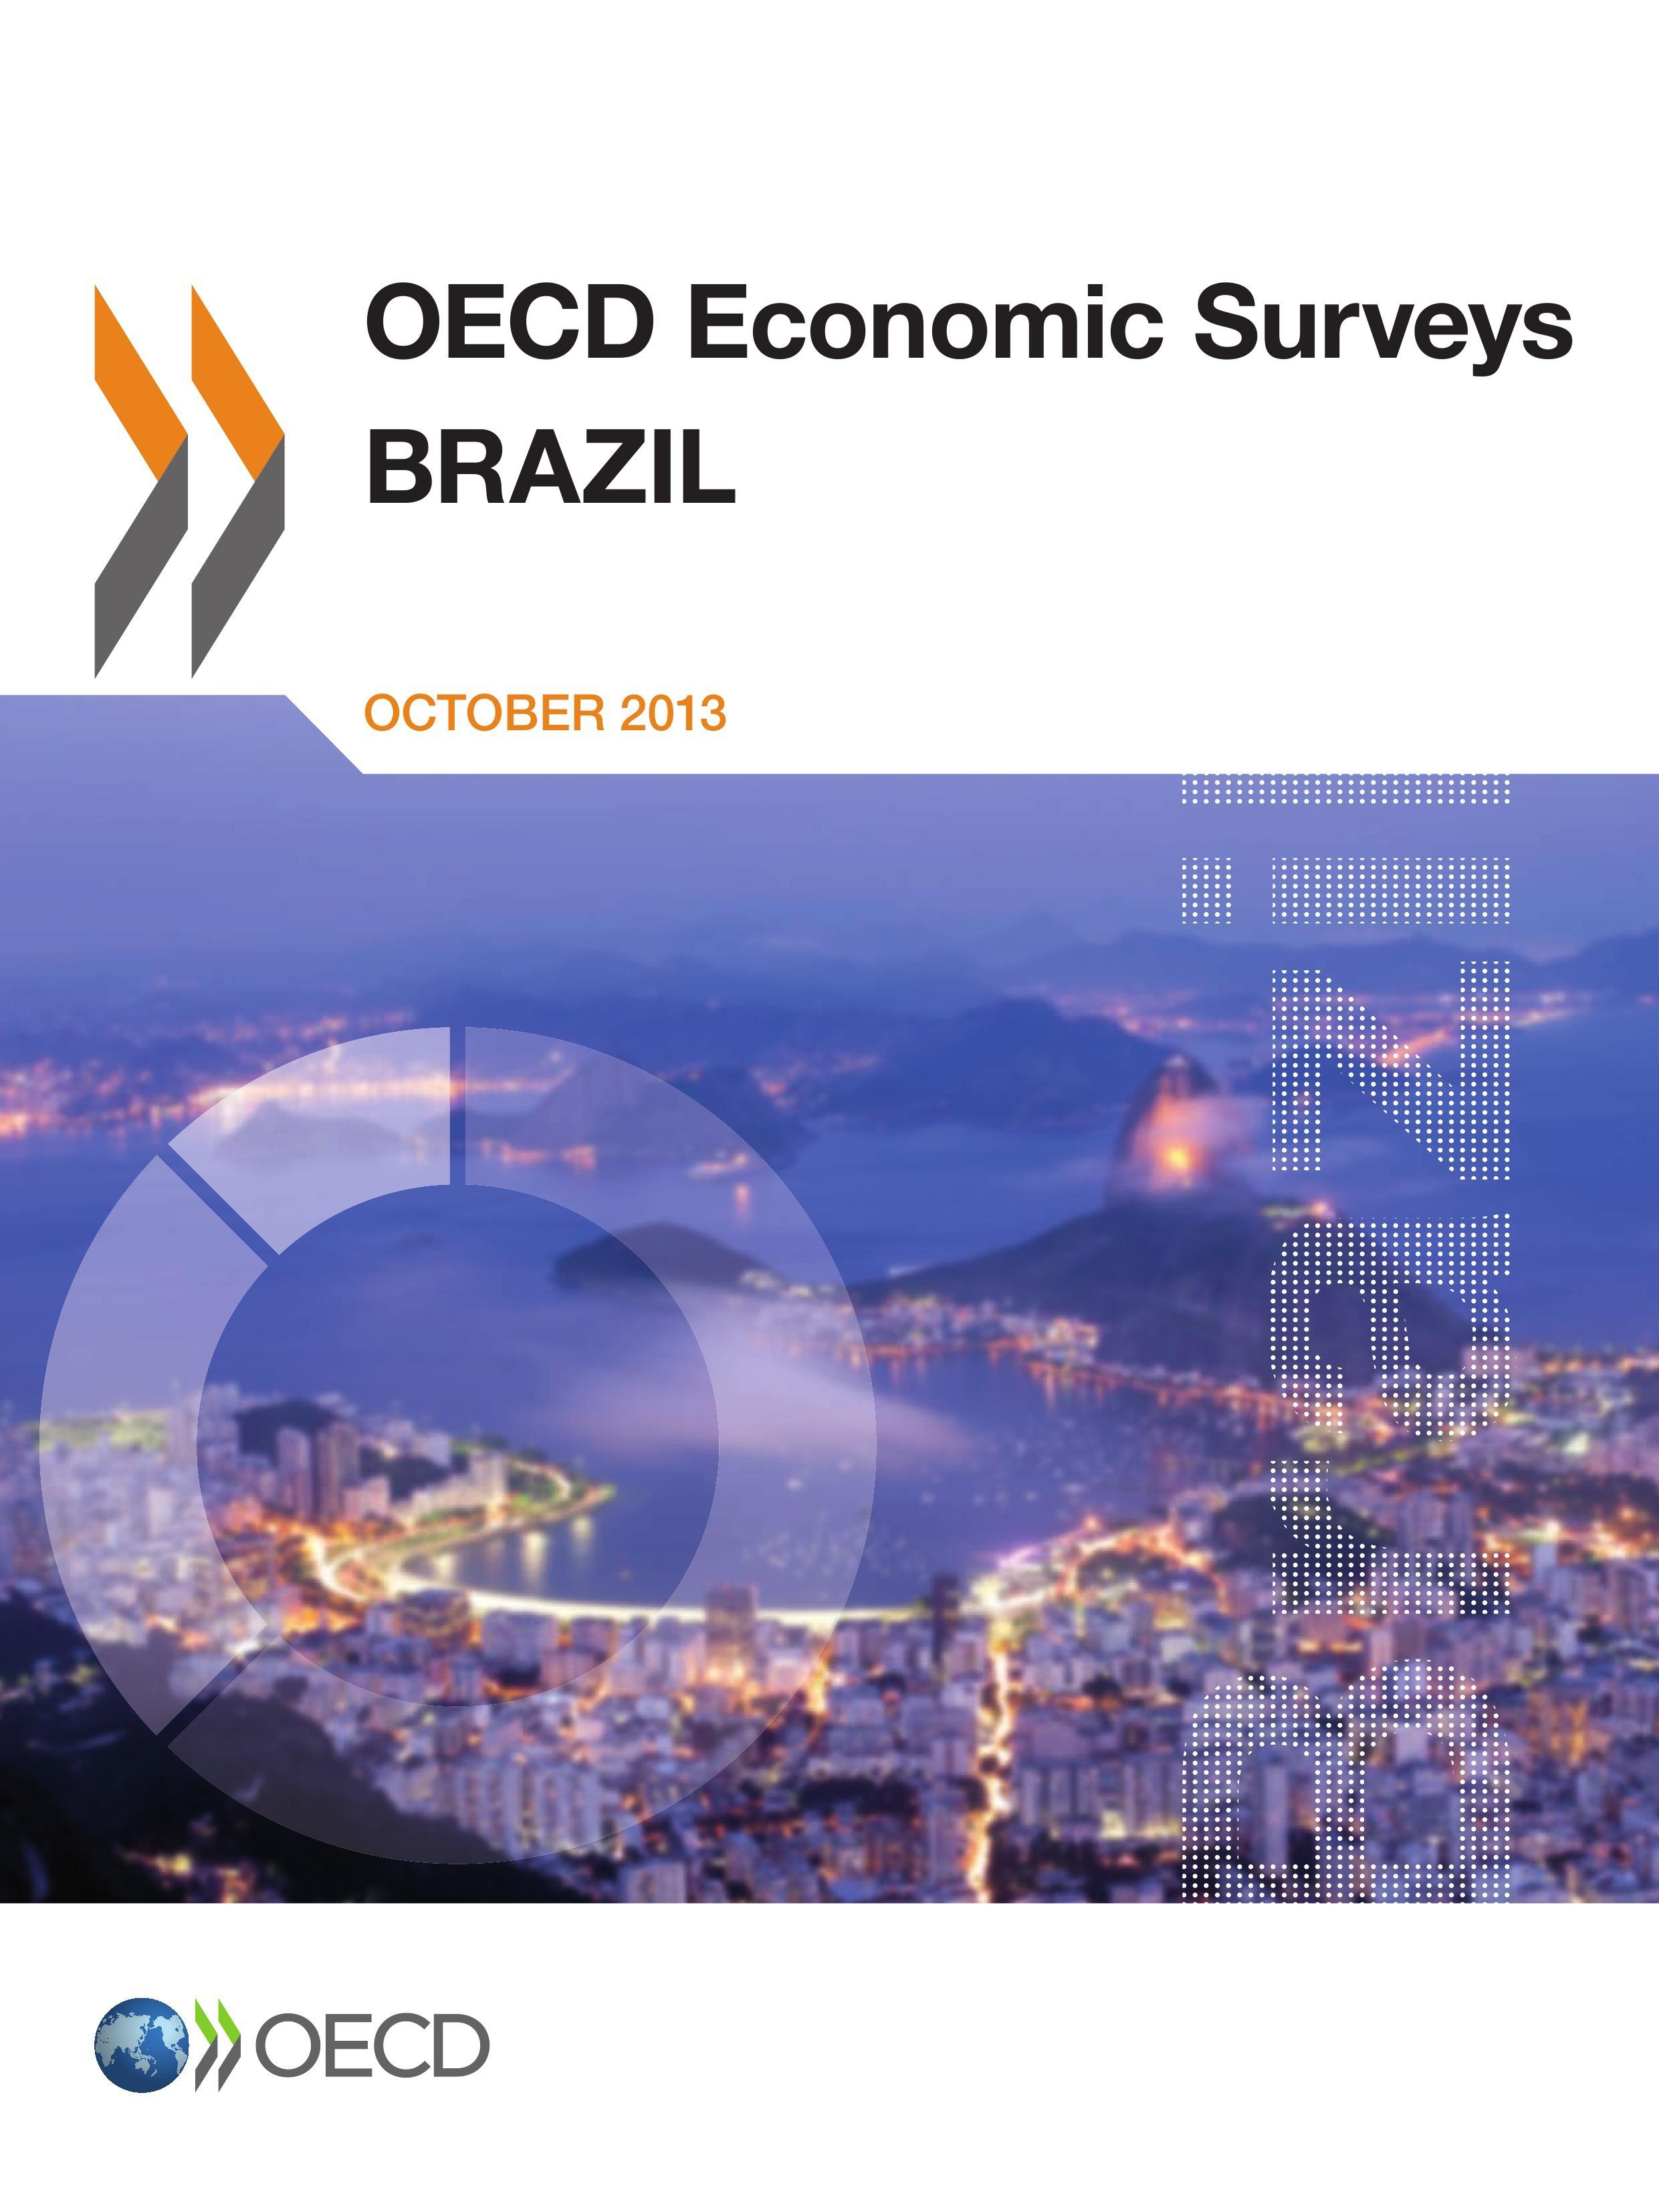 OECD Economic Surveys: Brazil 2013